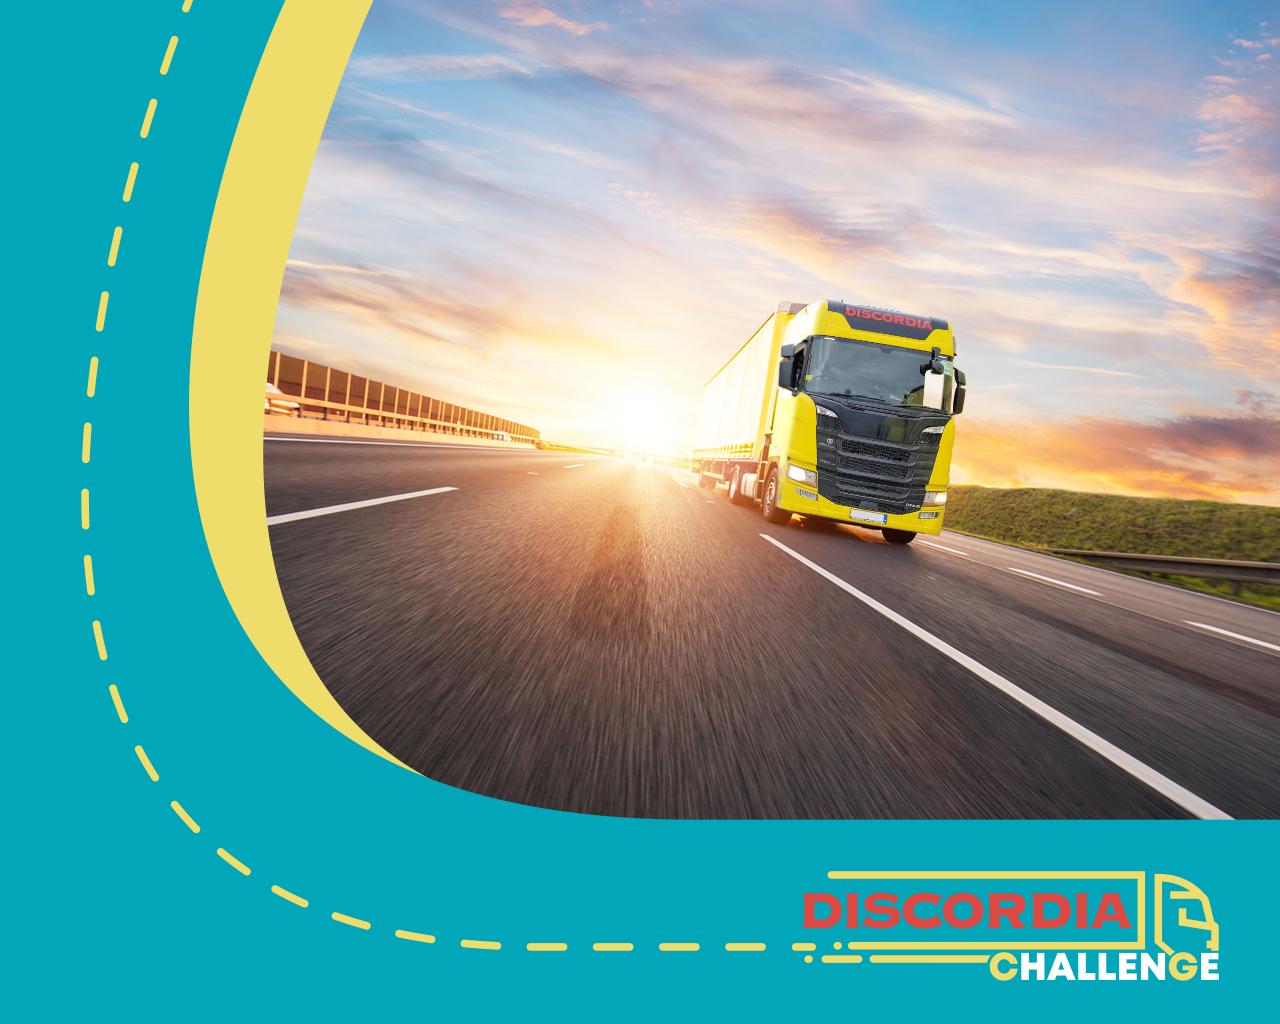 Дискордиа организира мащабно състезание за икономично шофиране 139